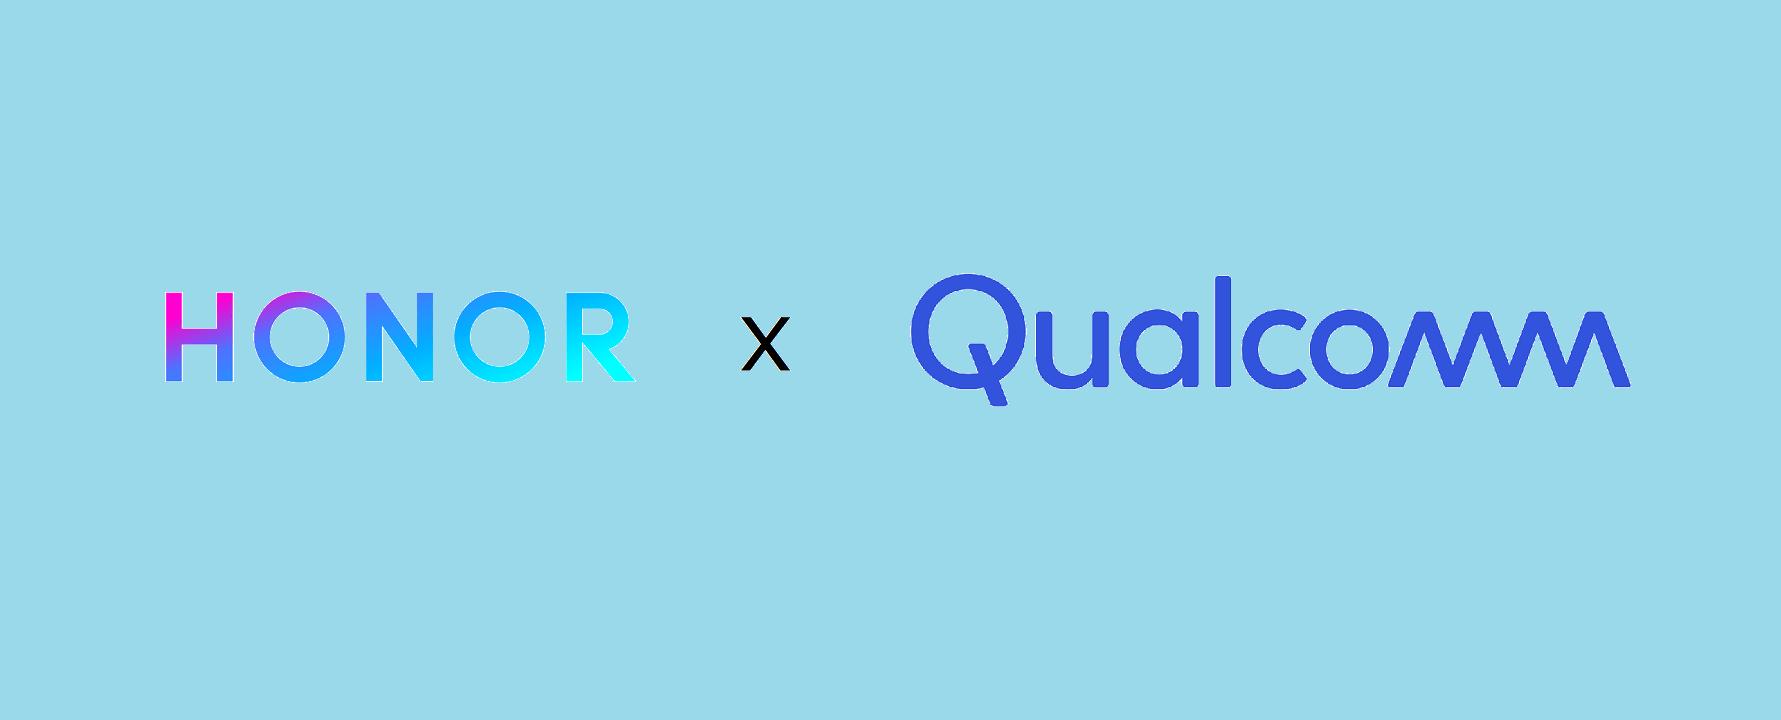 Snapdragon搭載HONOR製品は5月から6月に発表か、最初はミドルレンジ製品